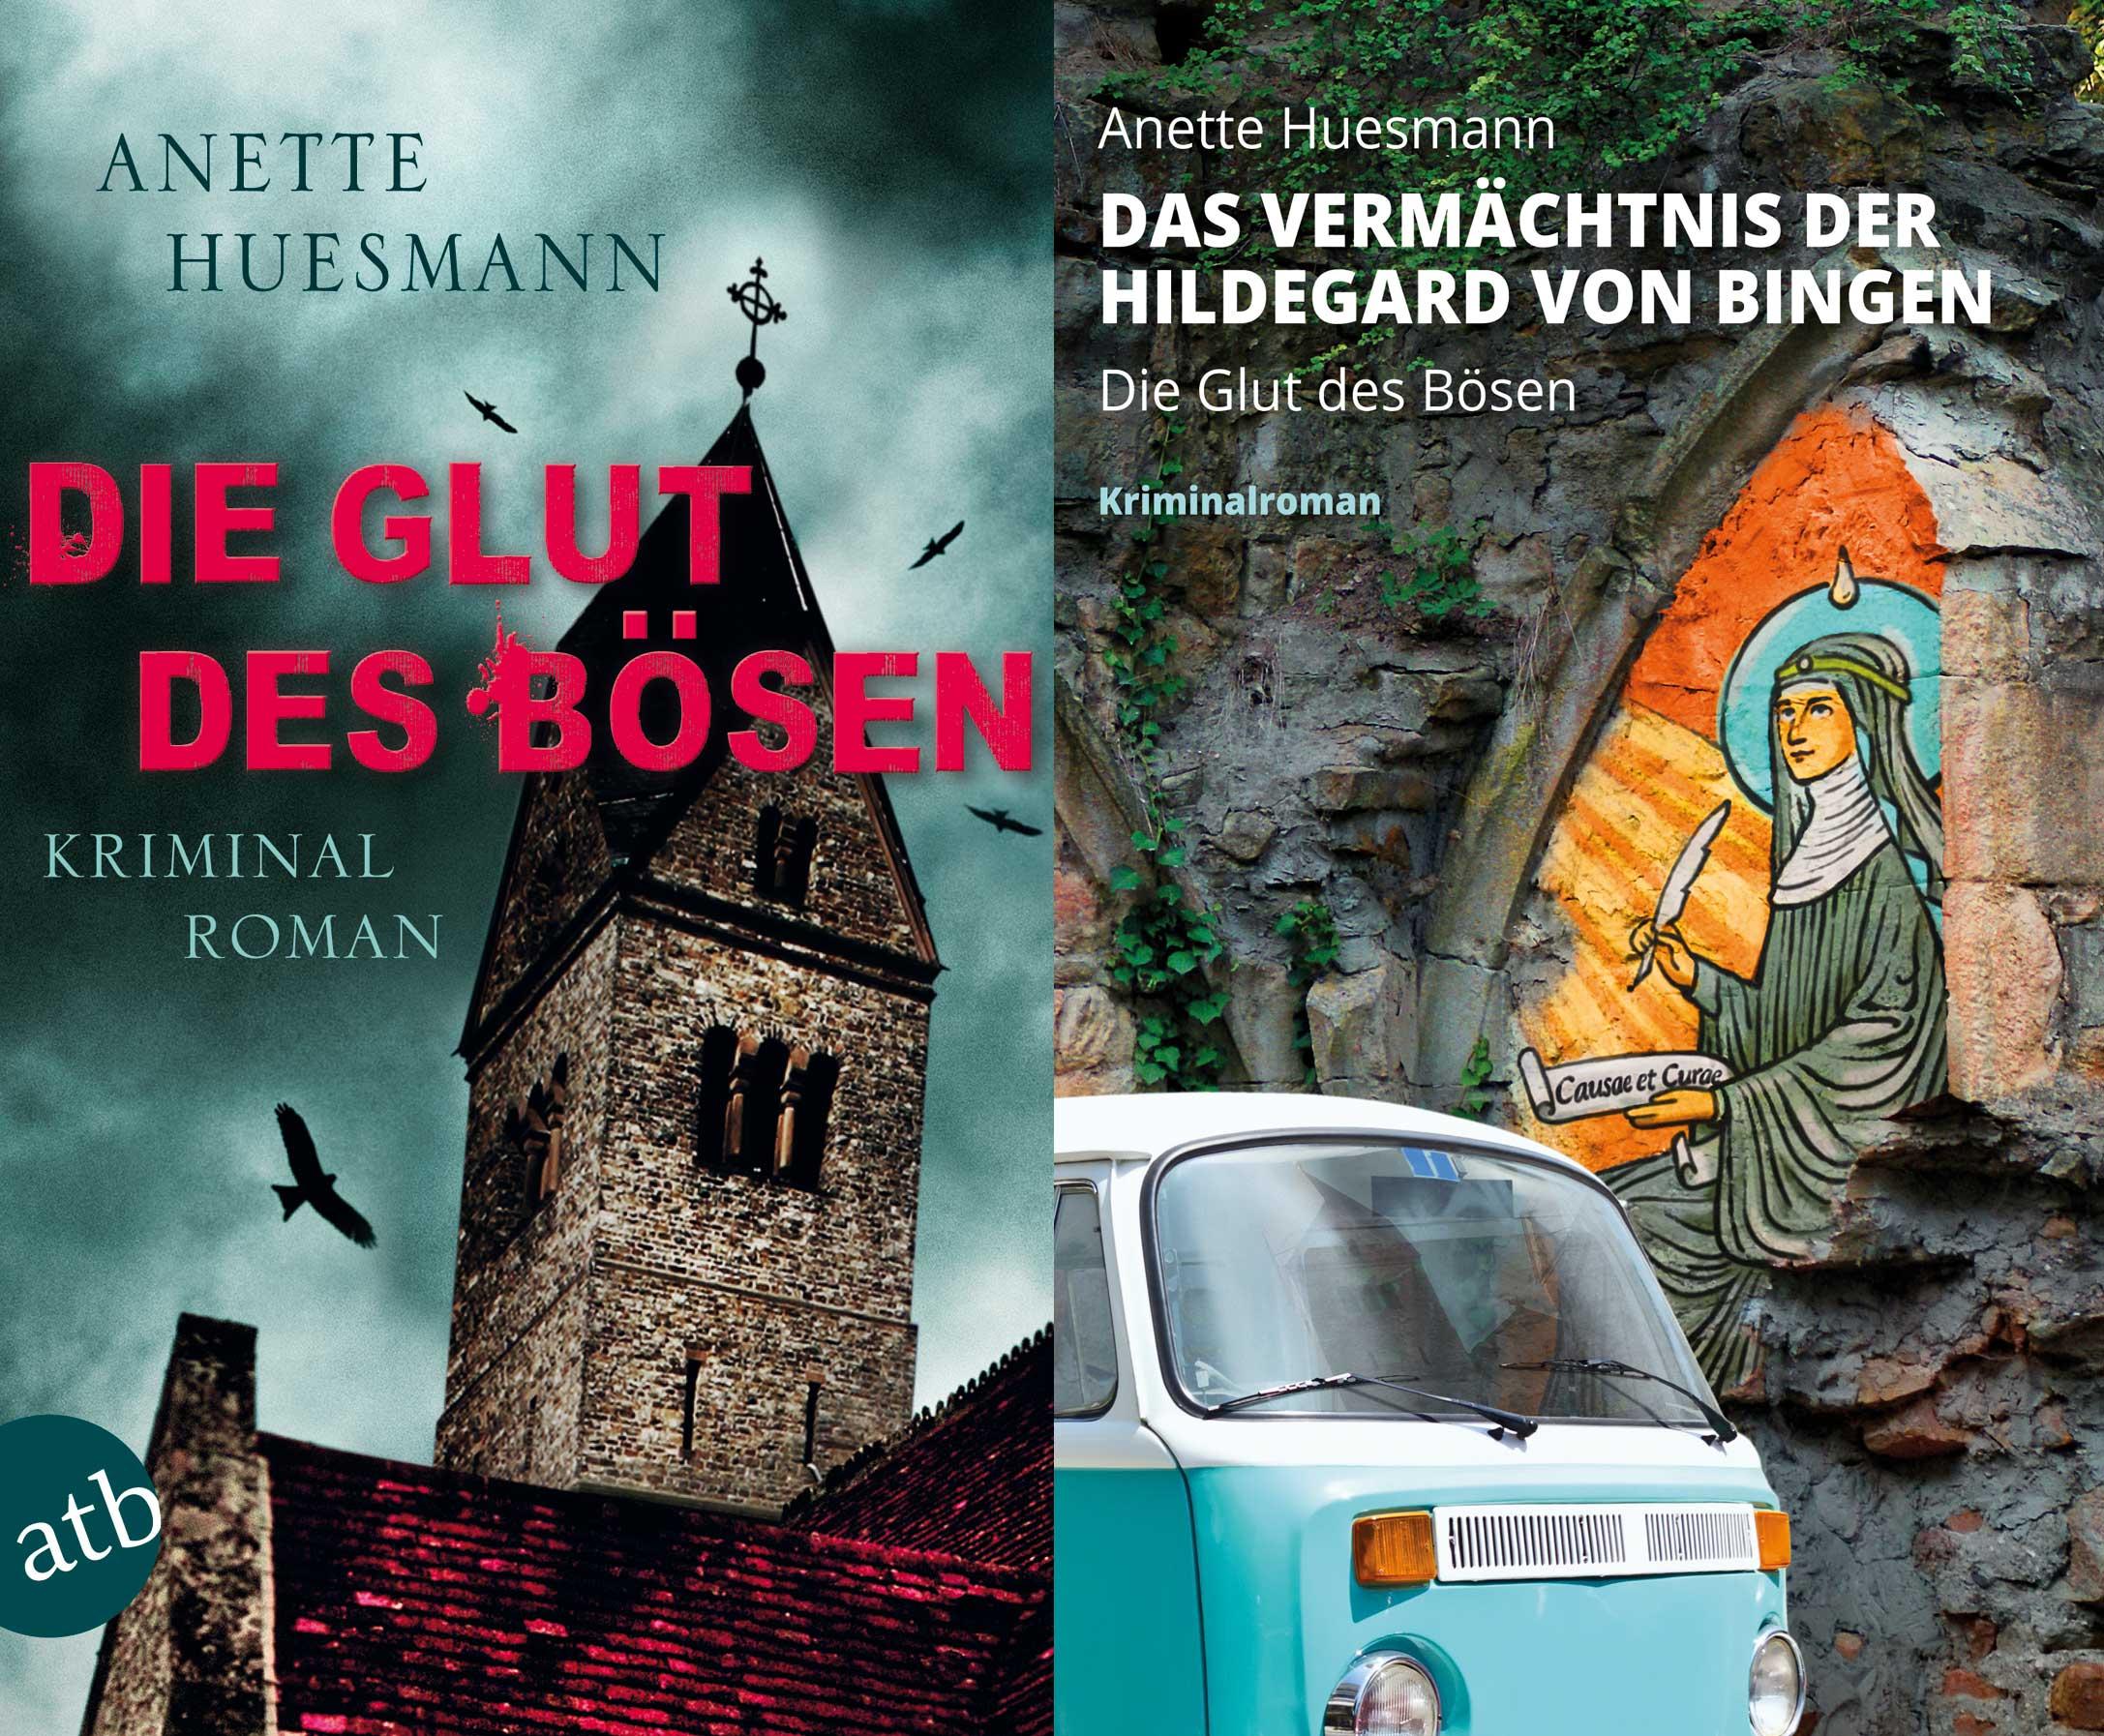 """Das alte Cover des Krimis """"Das Vermächtnis der Hildegard von Bingen"""" im Vergleich zum neuen Cover"""